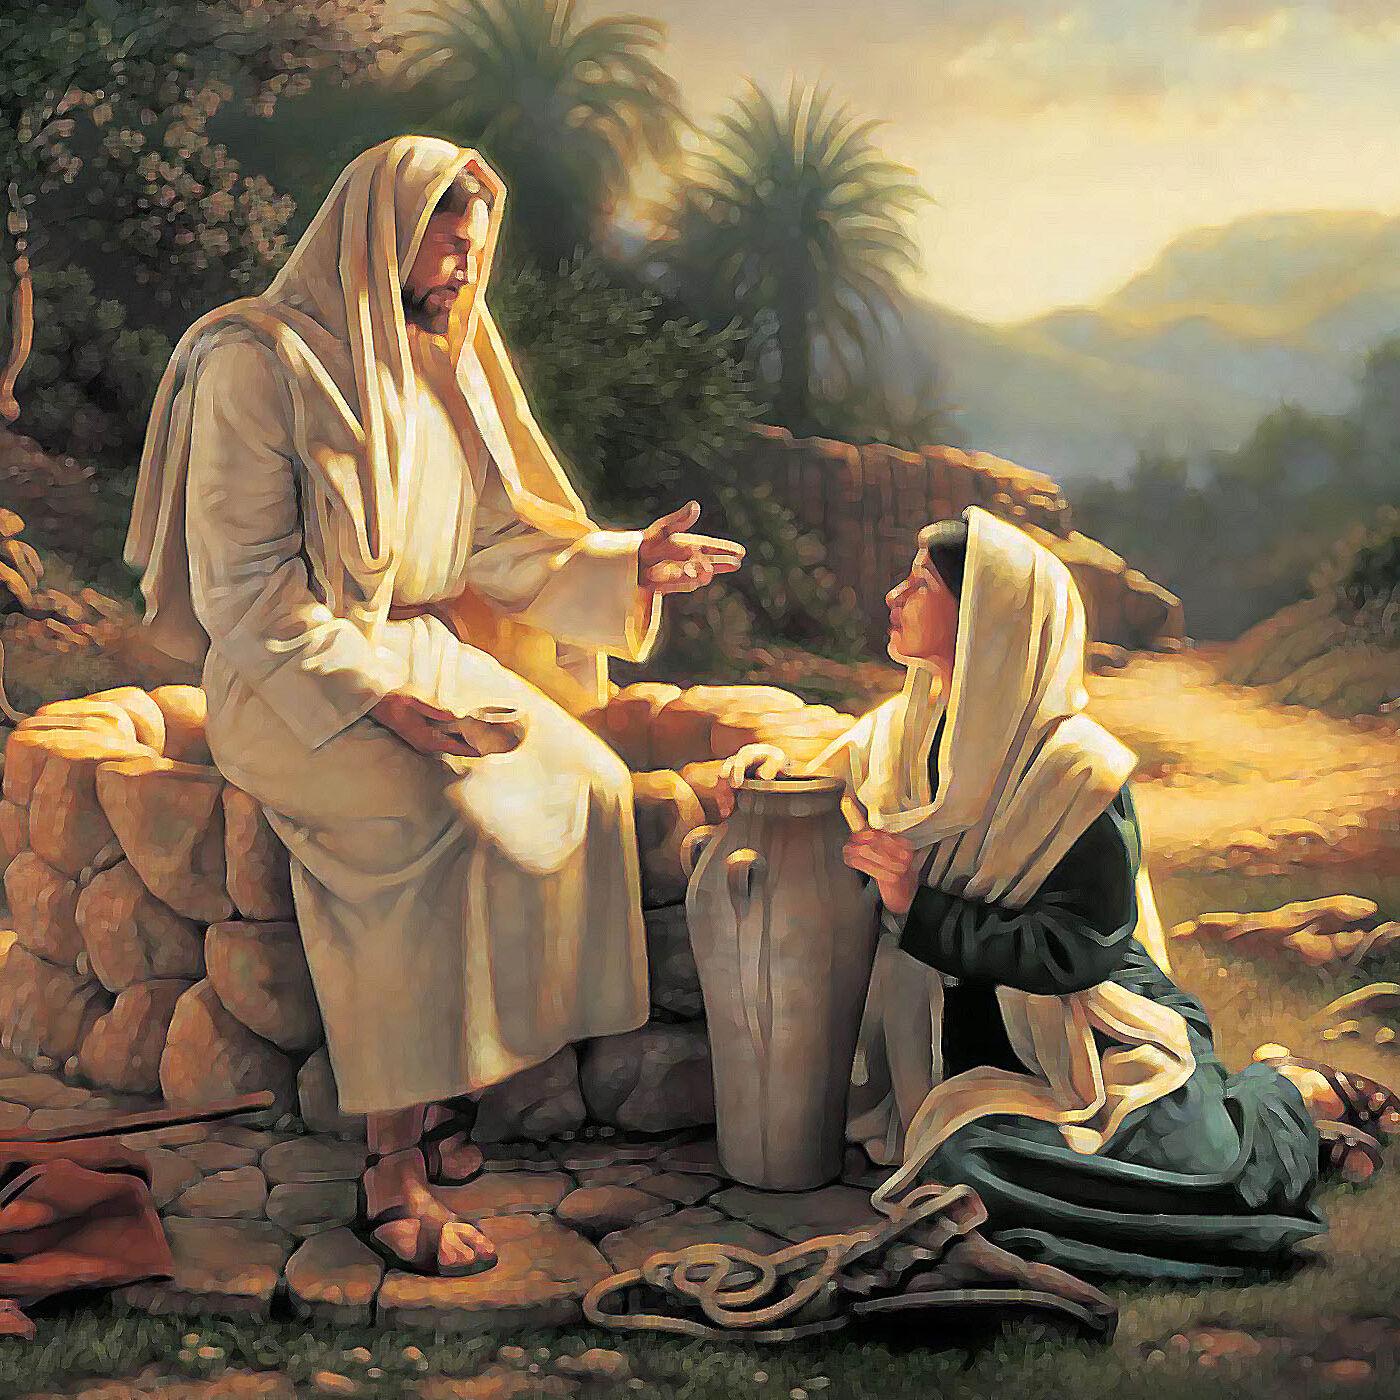 riflessioni sul Vangelo di Mercoledì 29 Settembre 2021 (Gv 1, 47-51)